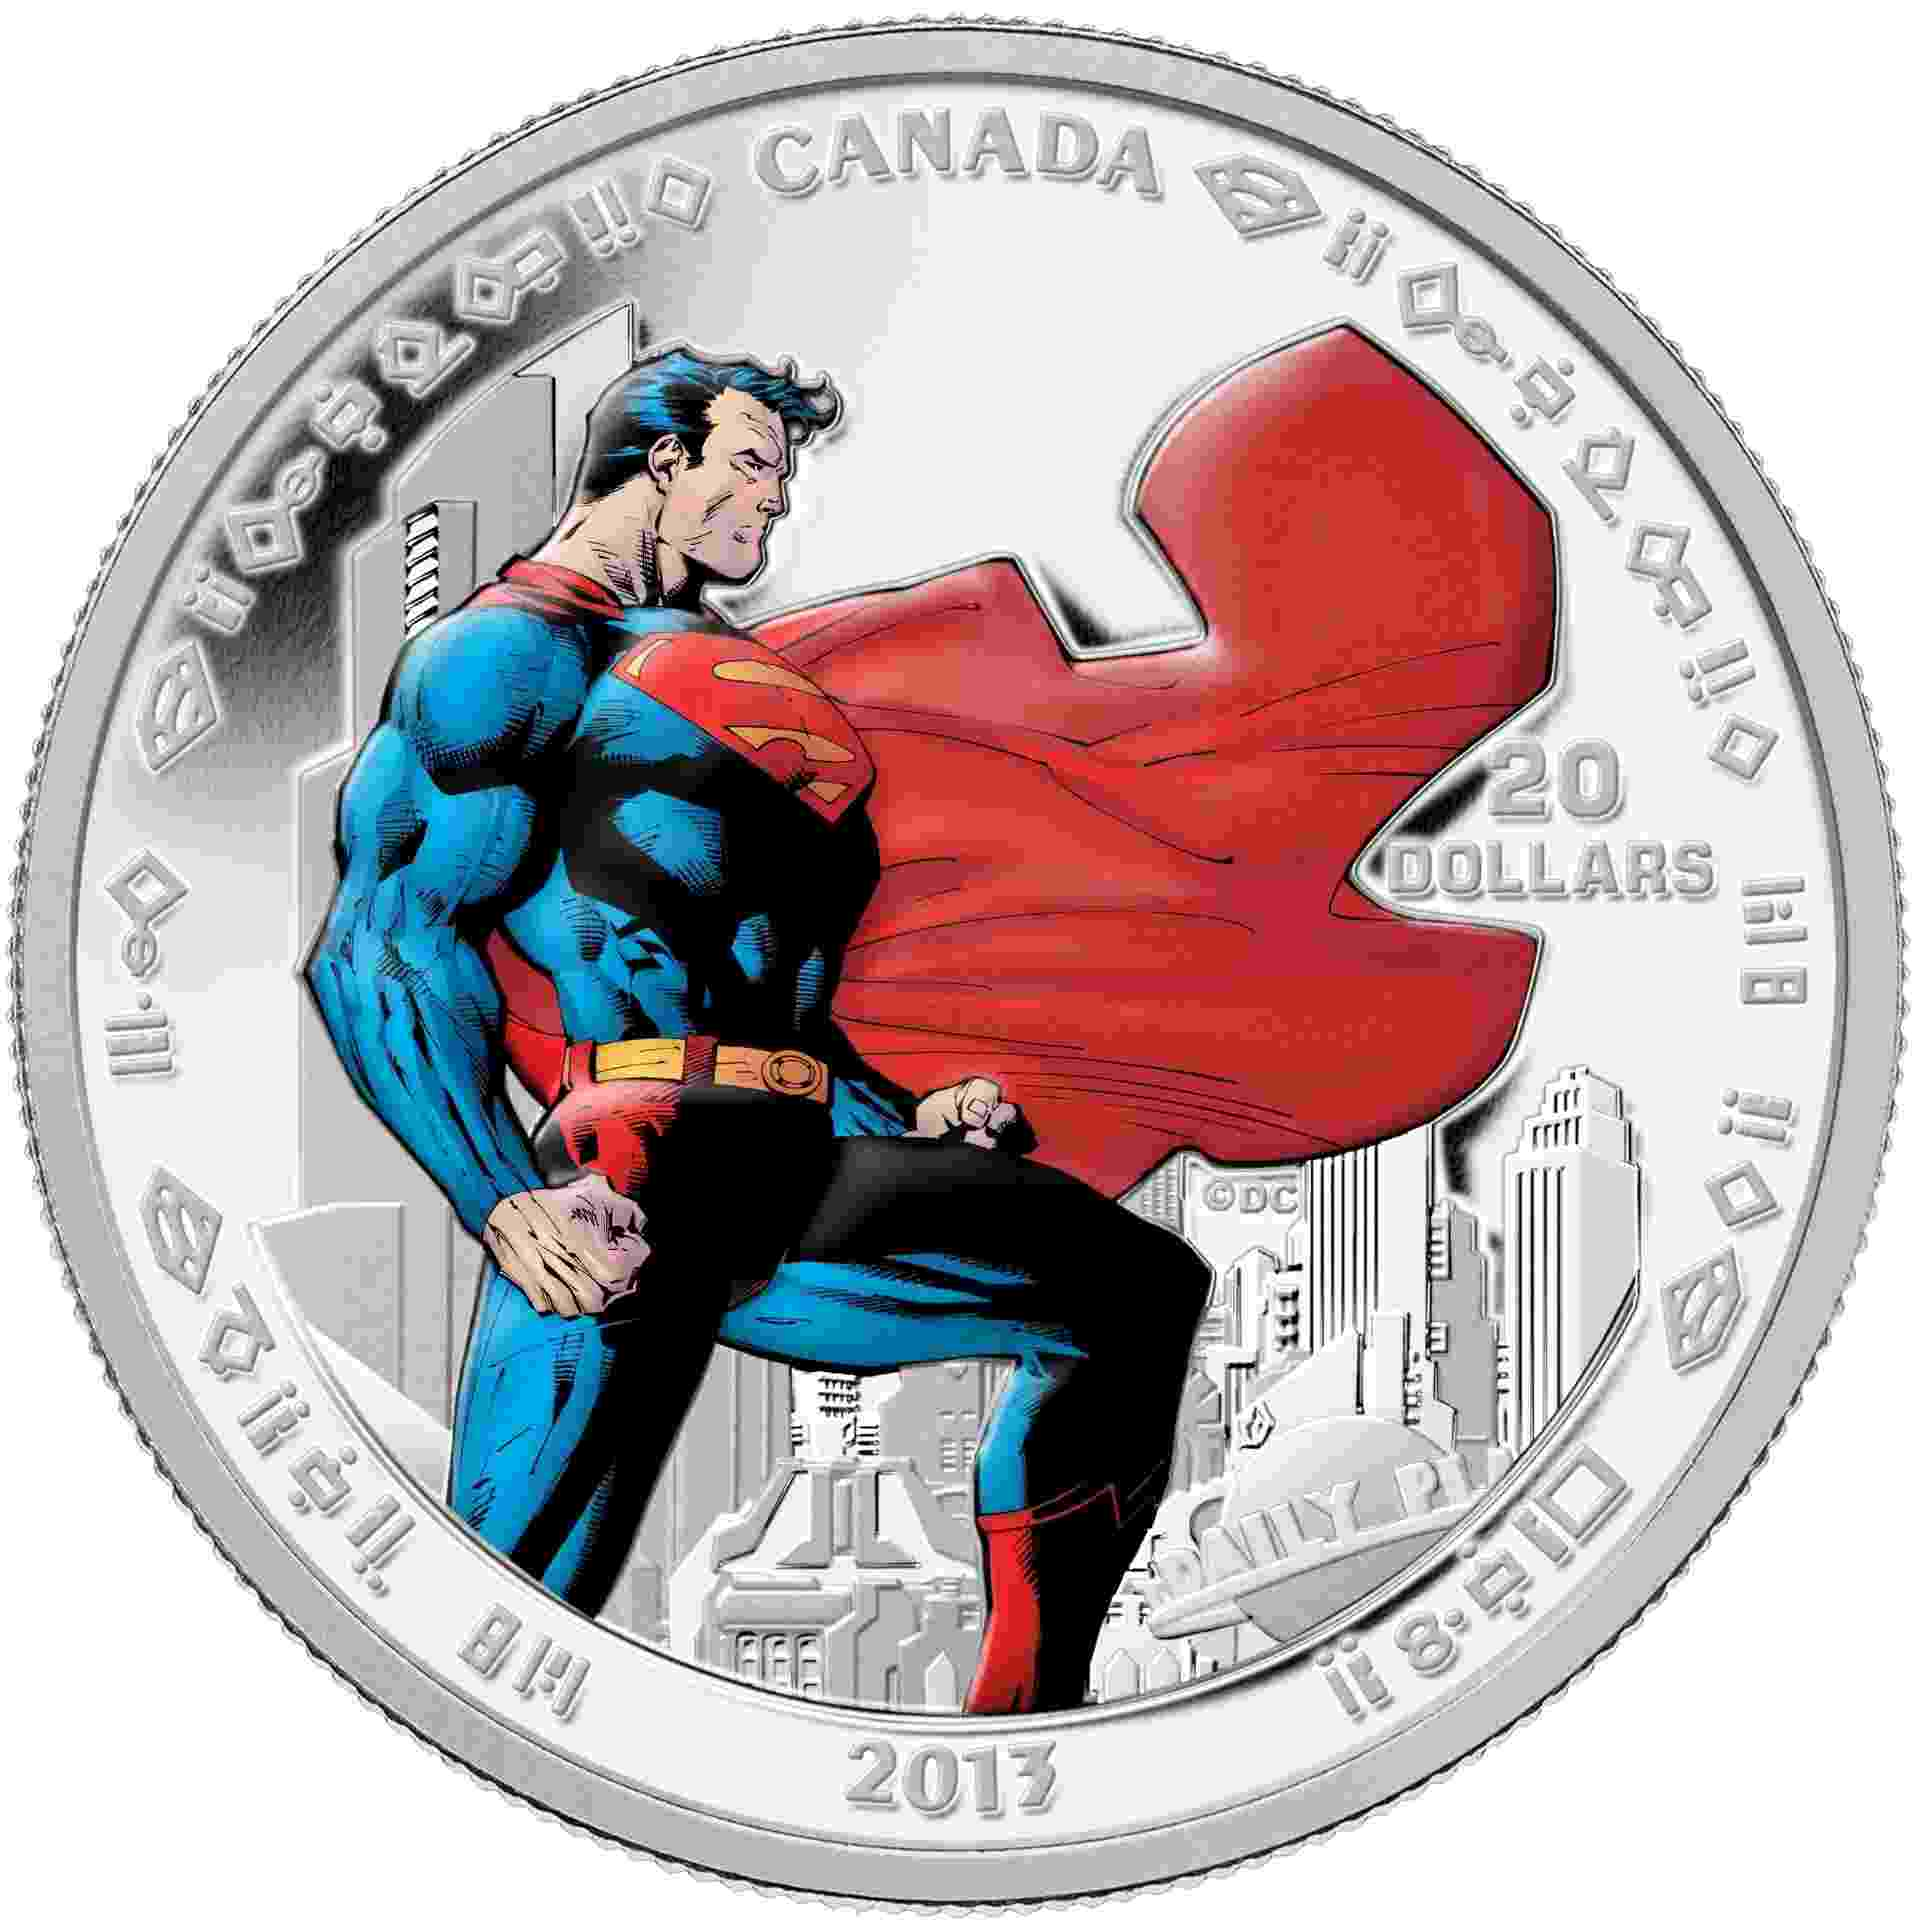 Casa da Moeda do Canadá lança moedas para comemorar o 75º aniversário do Superman - Casa da Moeda/AFP